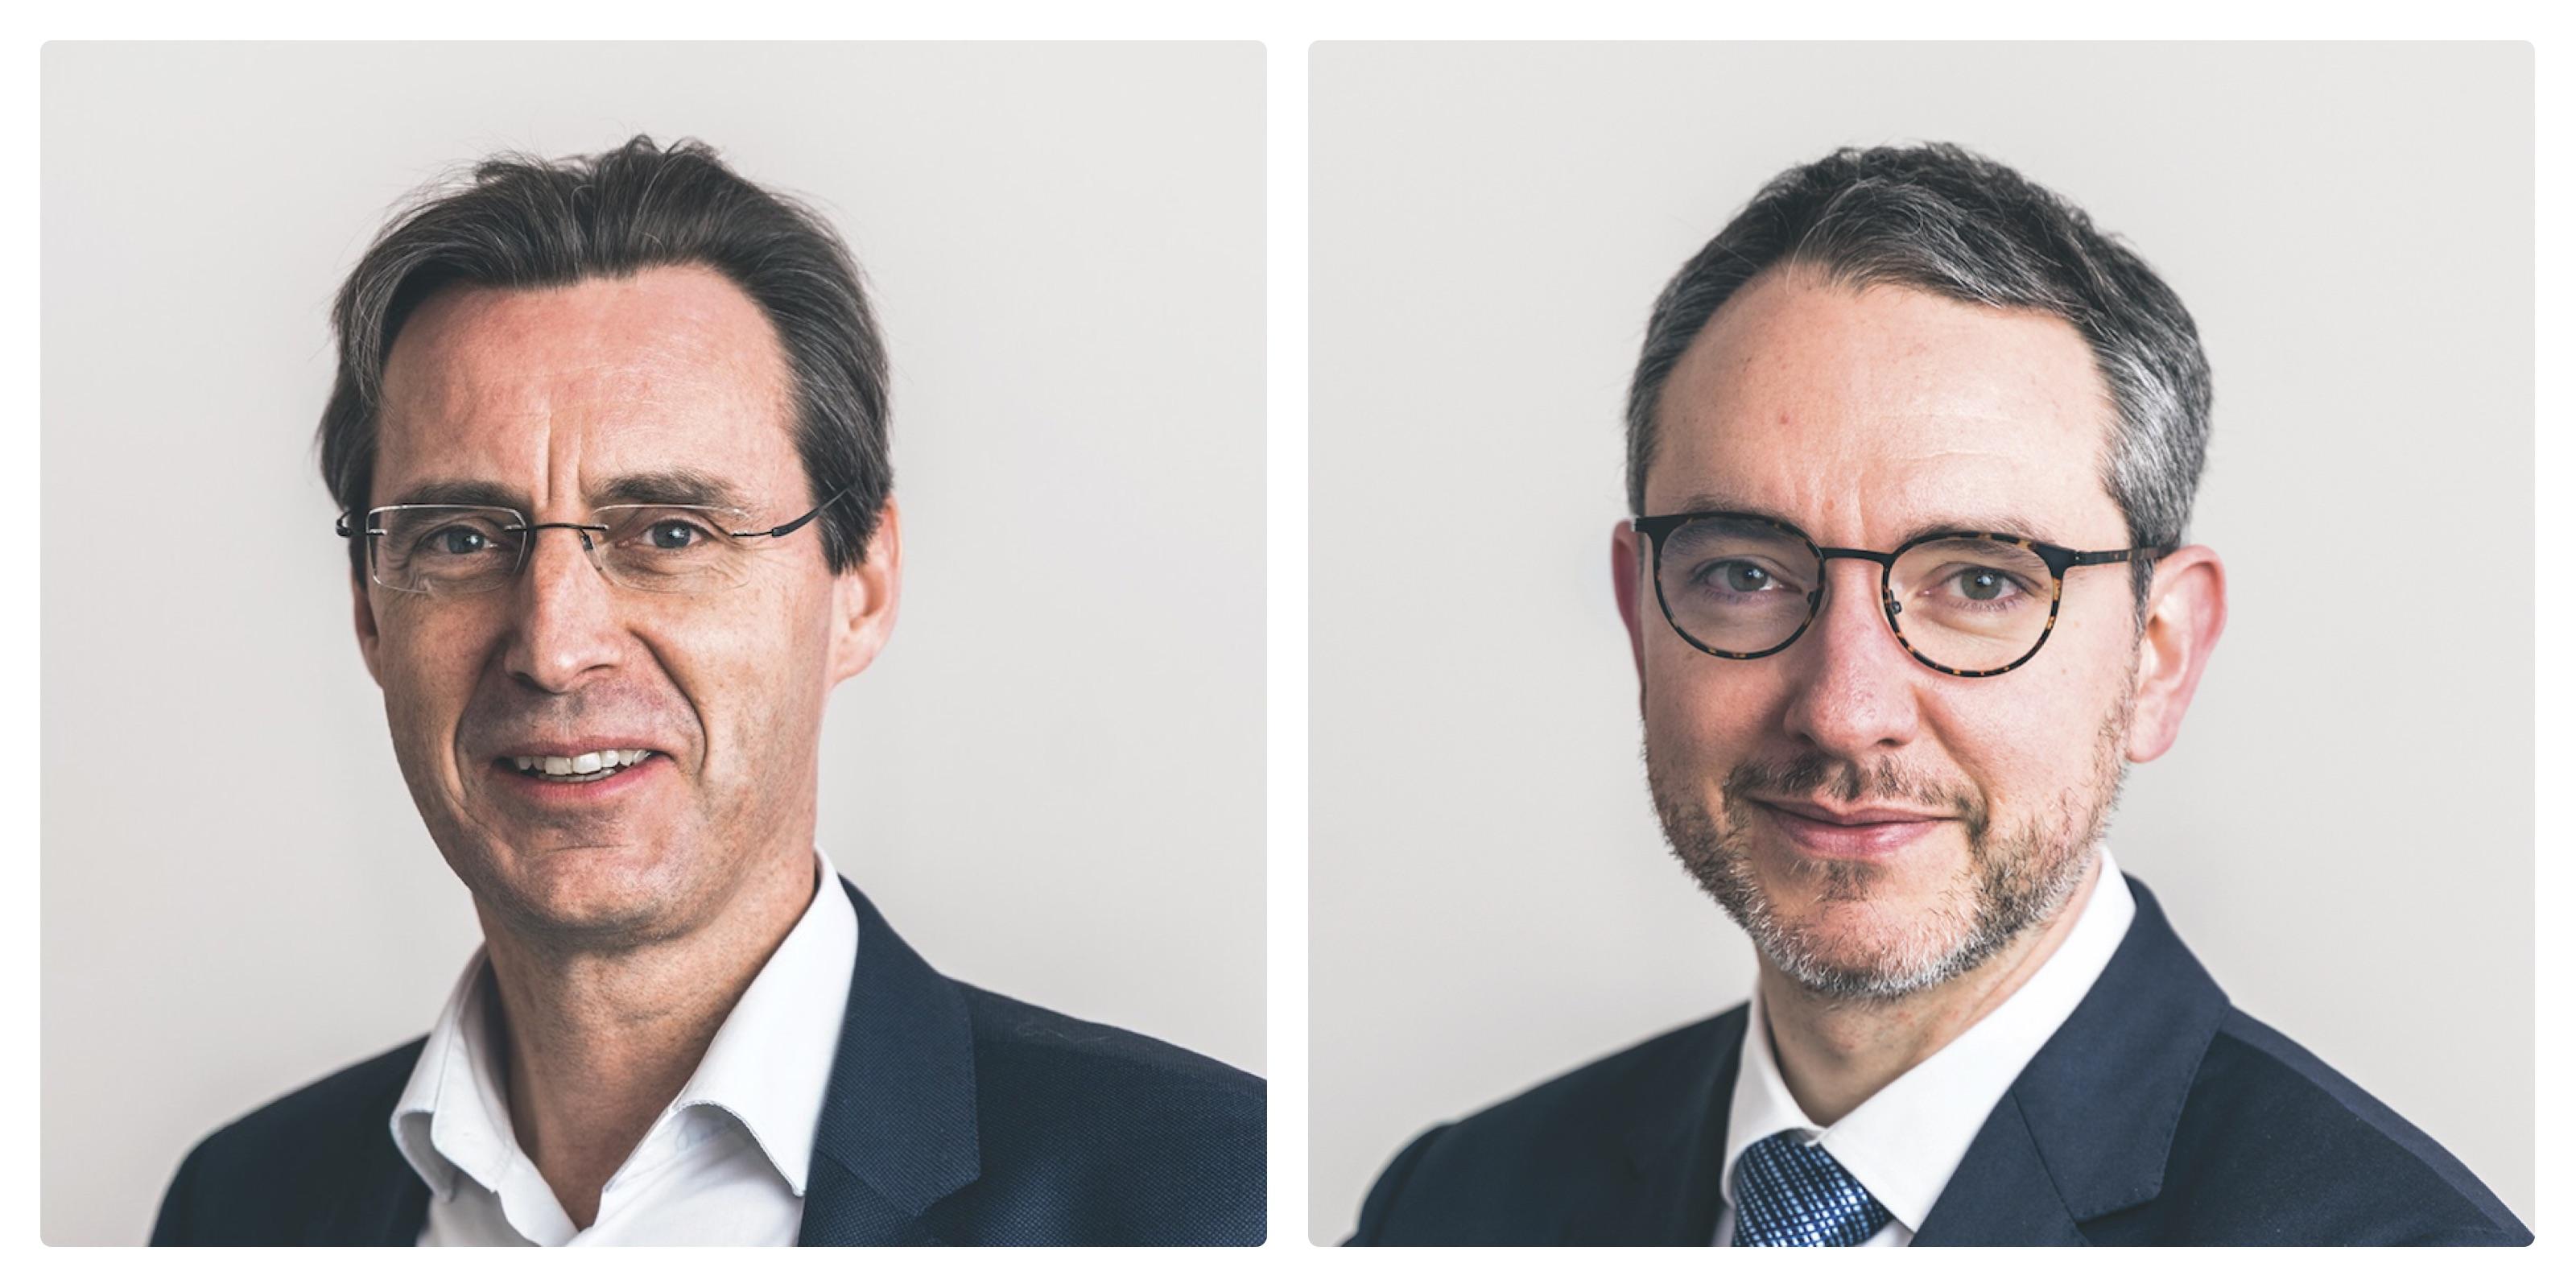 Le Pr Vincent Blondel (à gauche) et le Pr Sébastien Van Bellegem sont les deux candidats recteurs de l'UCLouvain.